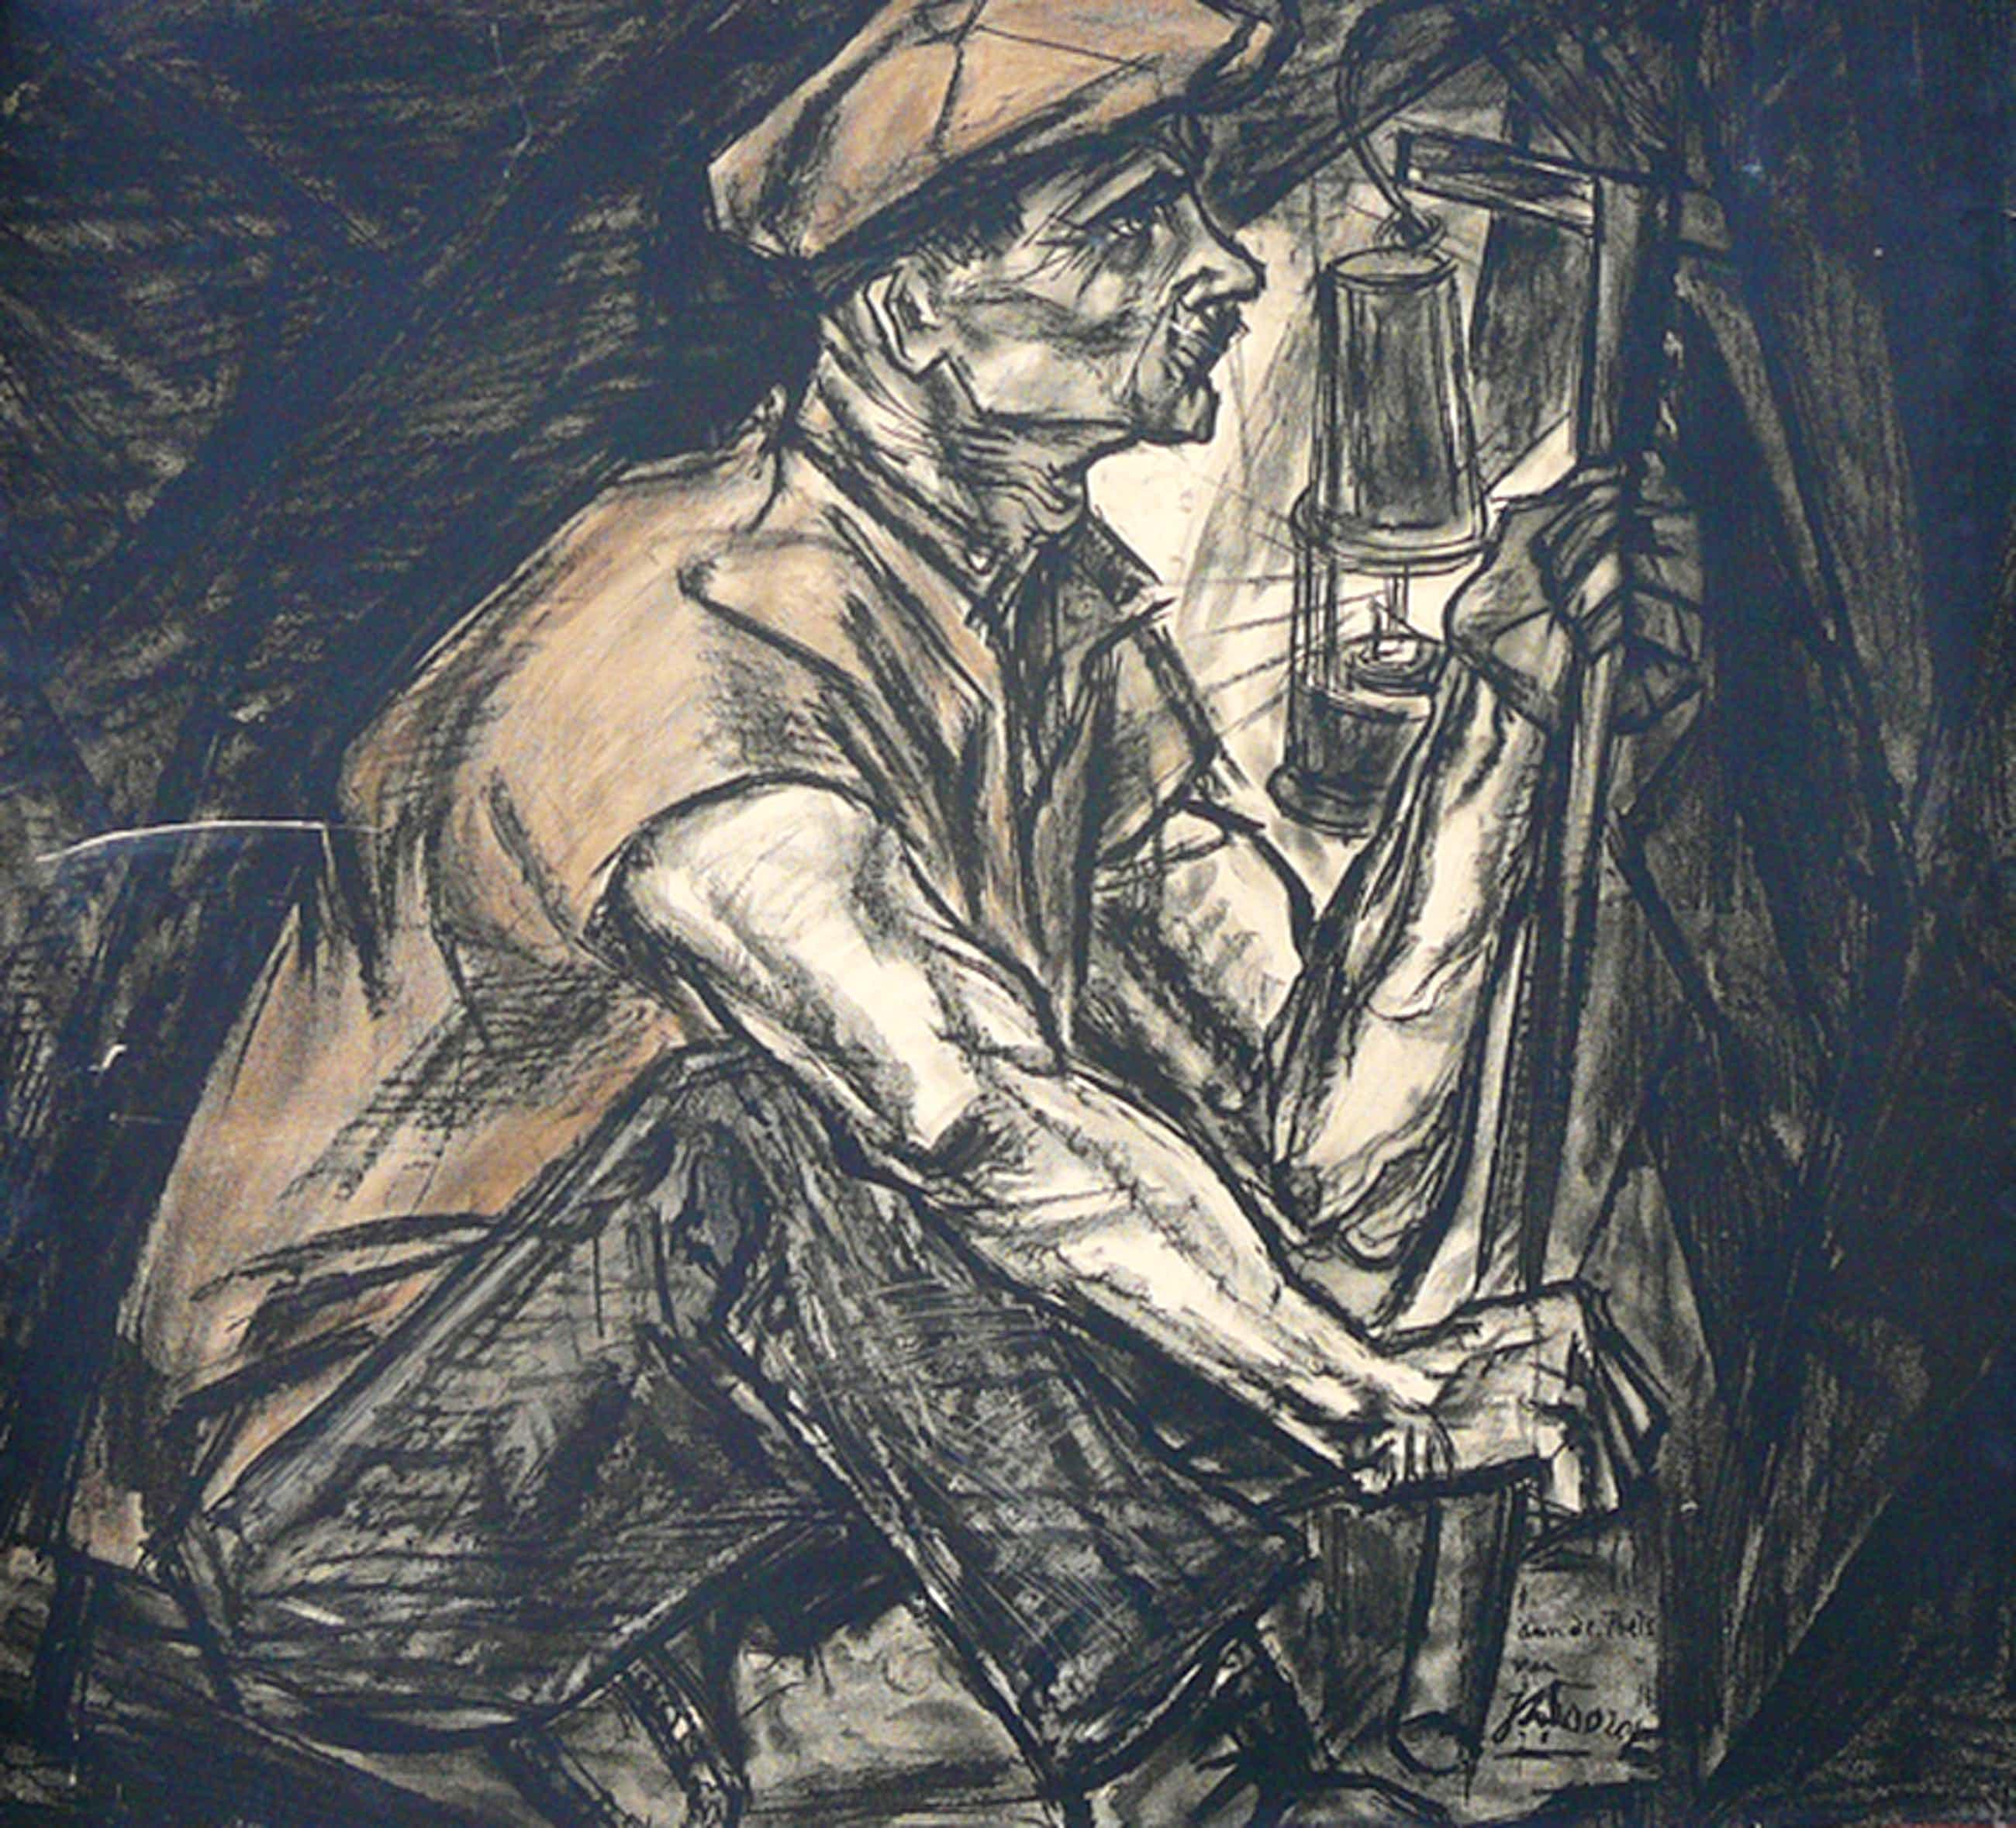 Jan Toorop: 'De Mijnwerker' -litho 1915, 85 x 95 cm kopen? Bied vanaf 75!